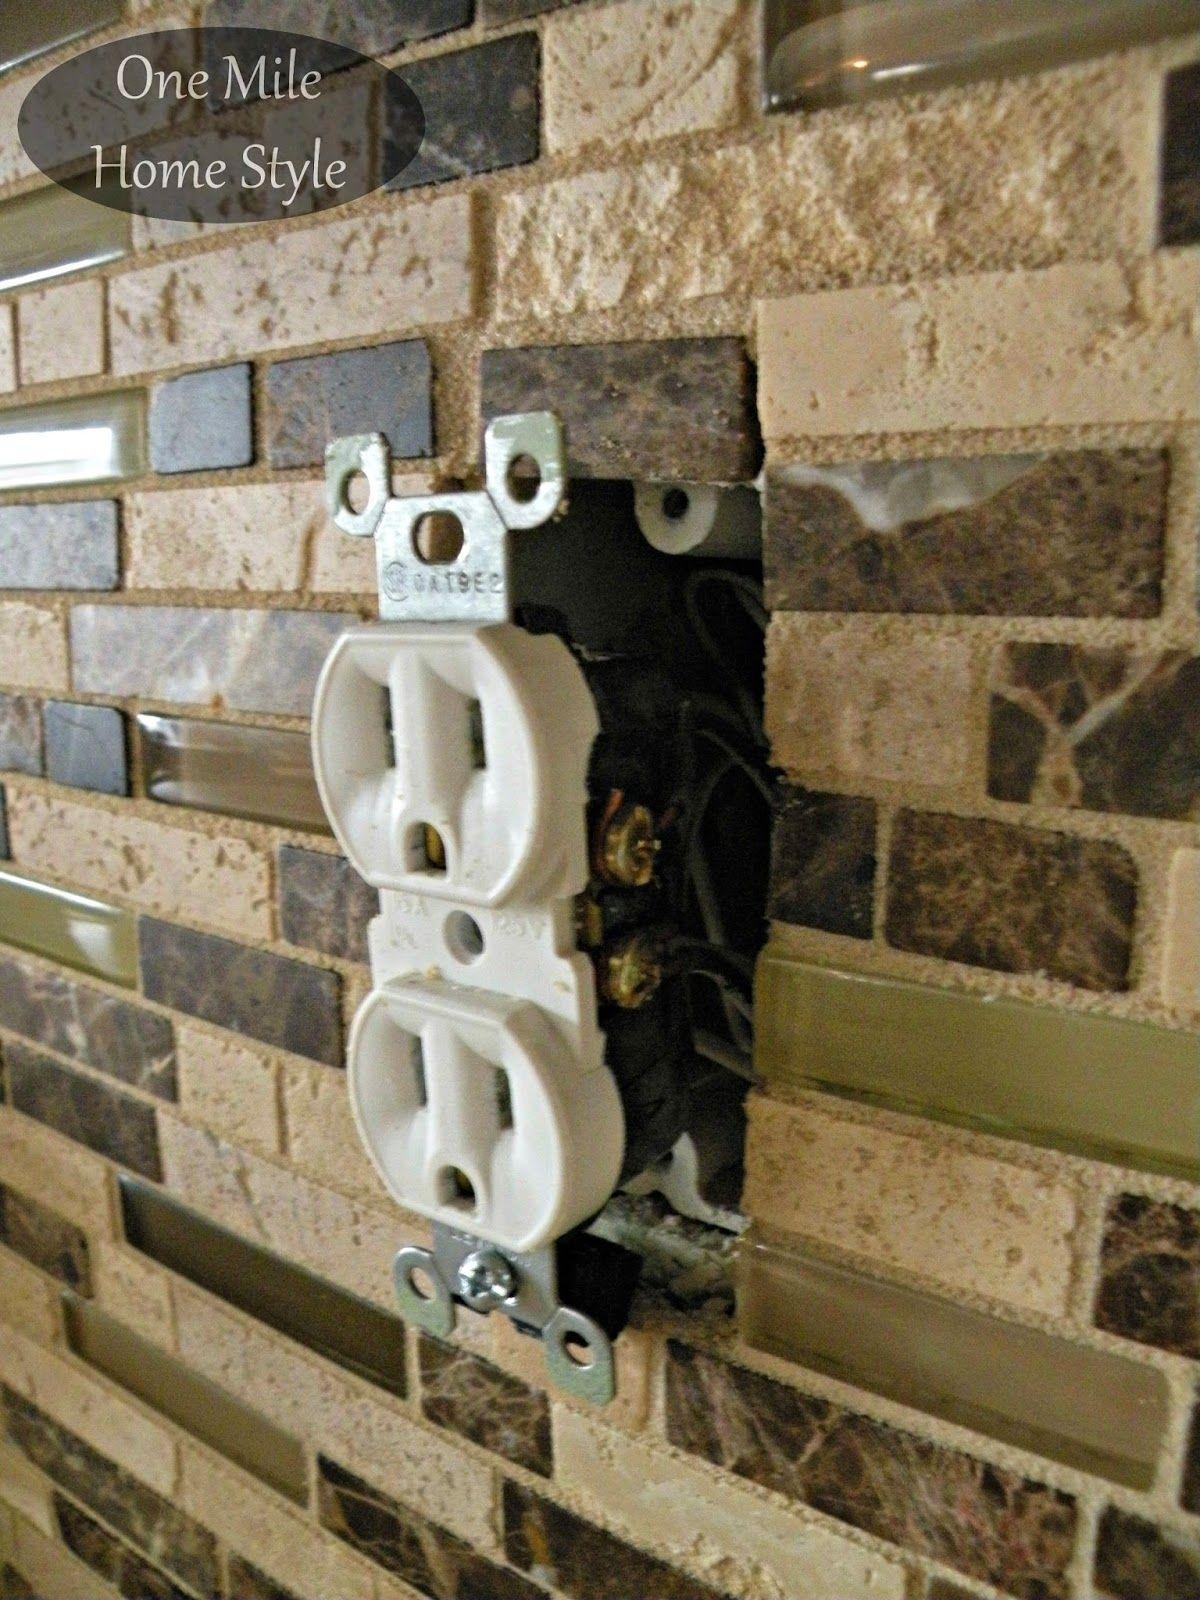 Adjusting Electrical Outlets After Tiling